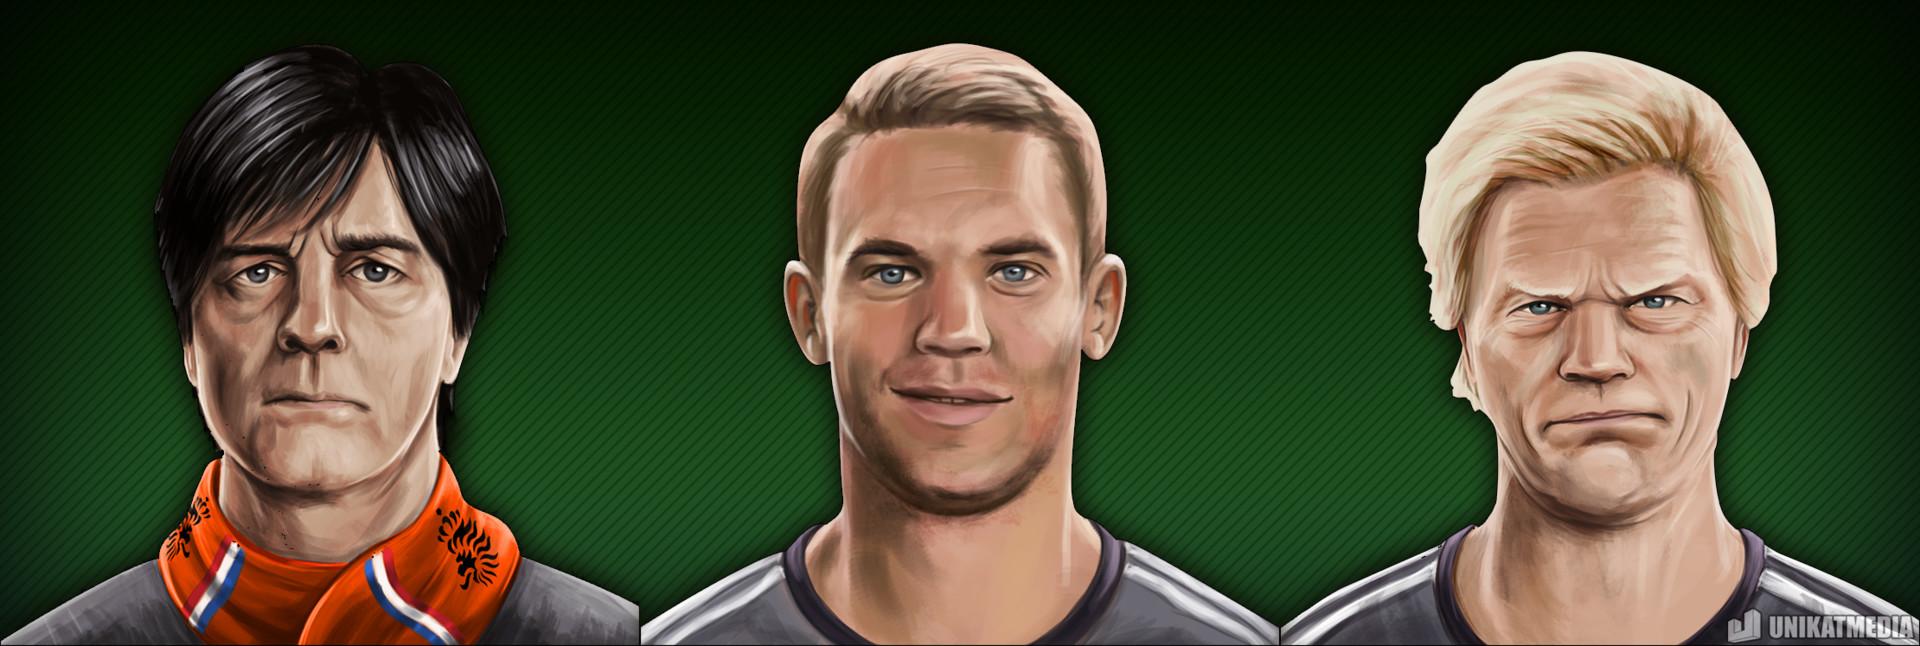 Marcel bartsch sosp football